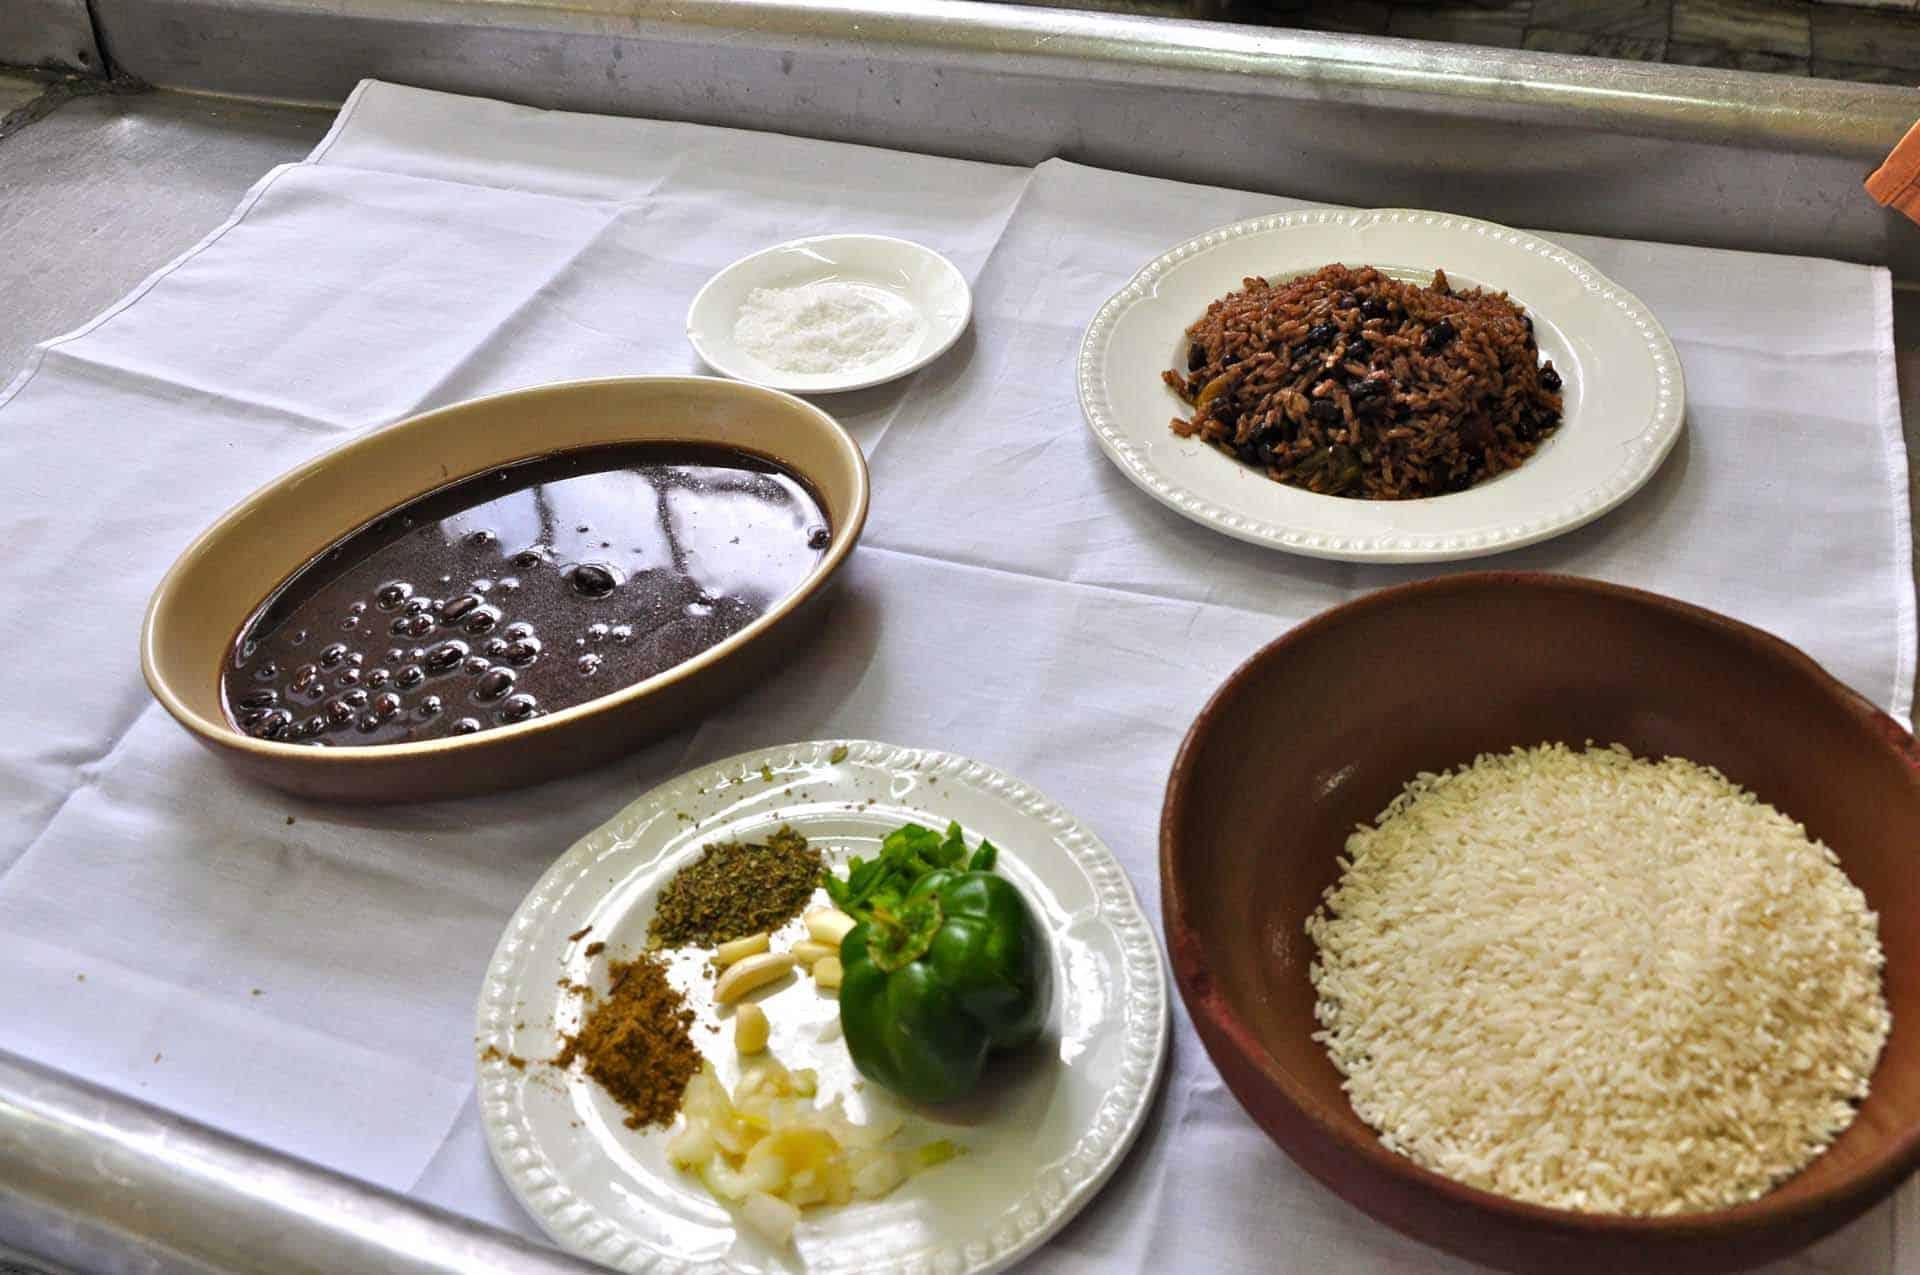 A0026 Cuisine cubaine 02 cuba autrement